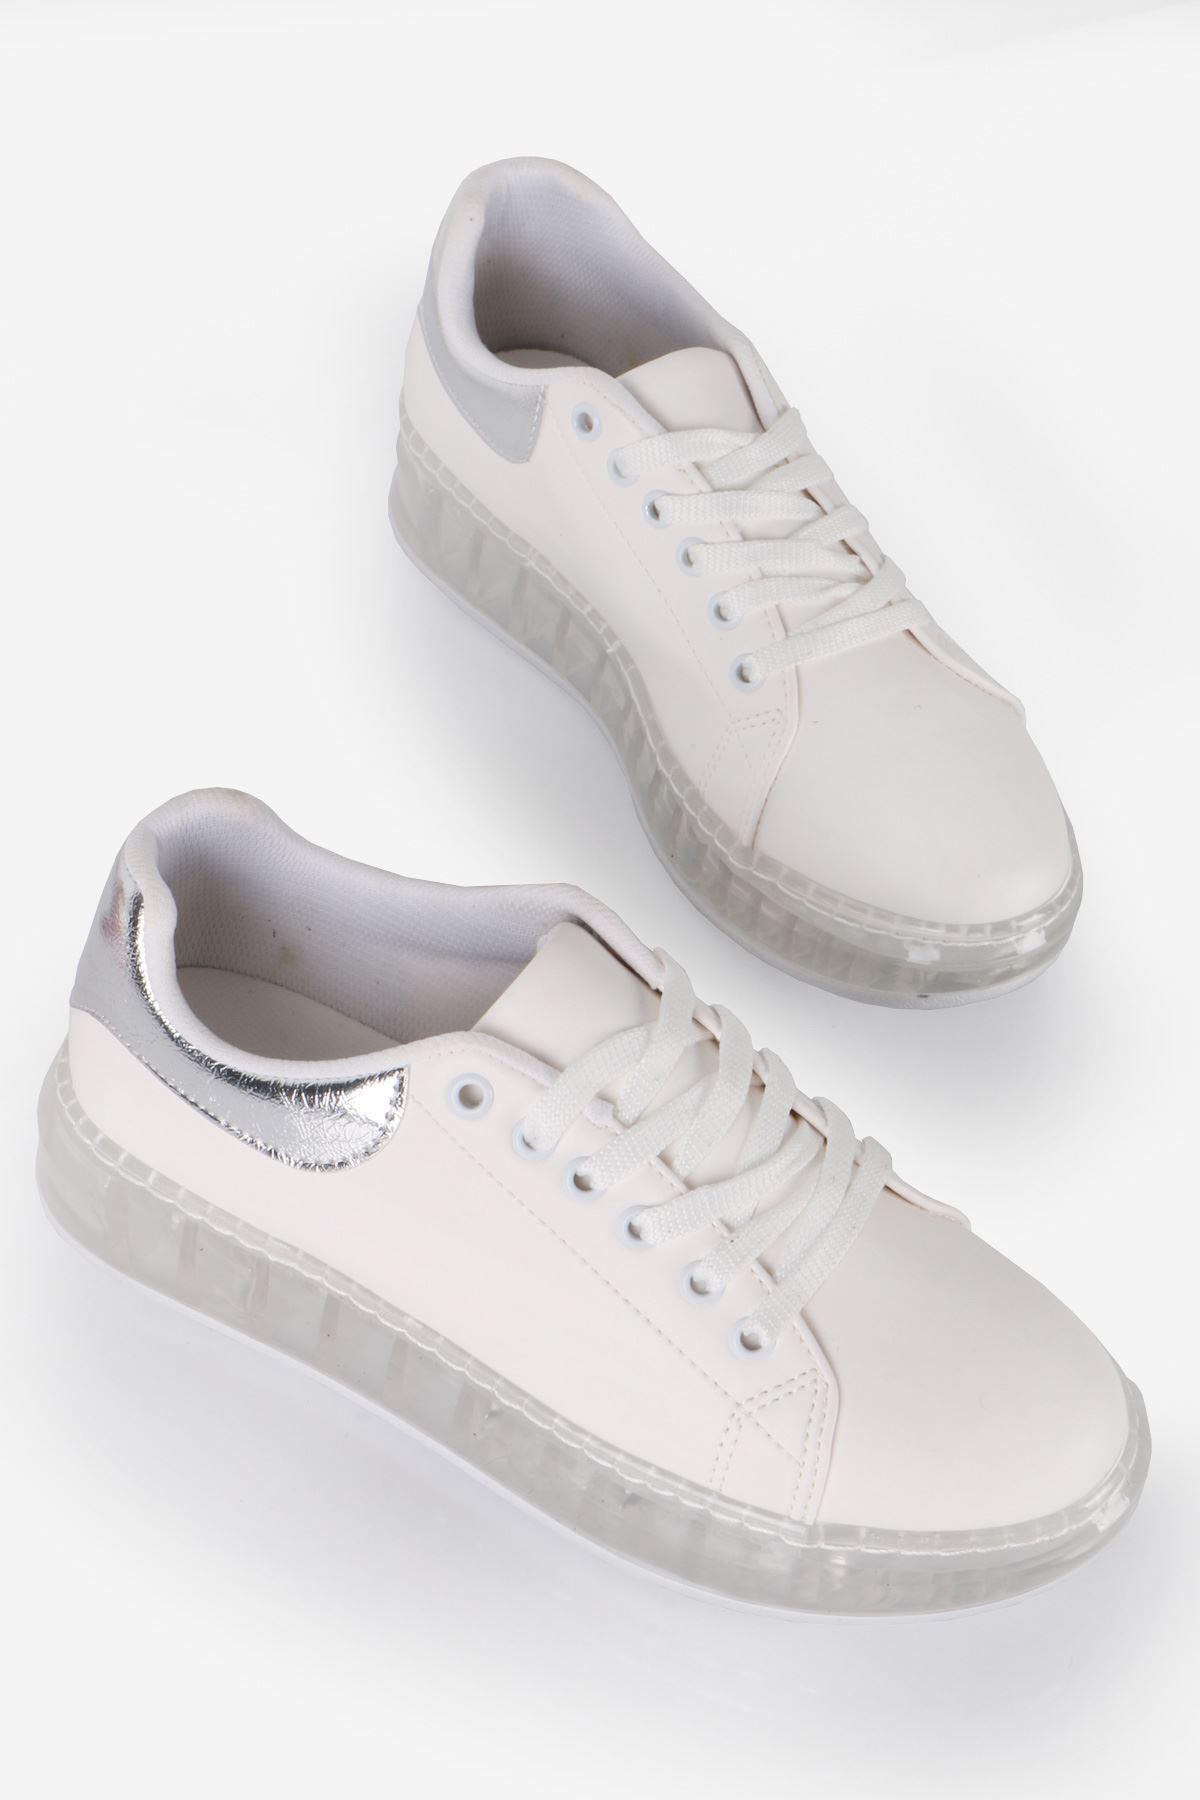 Beyaz Gümüş Detay Spor Ayakkabı